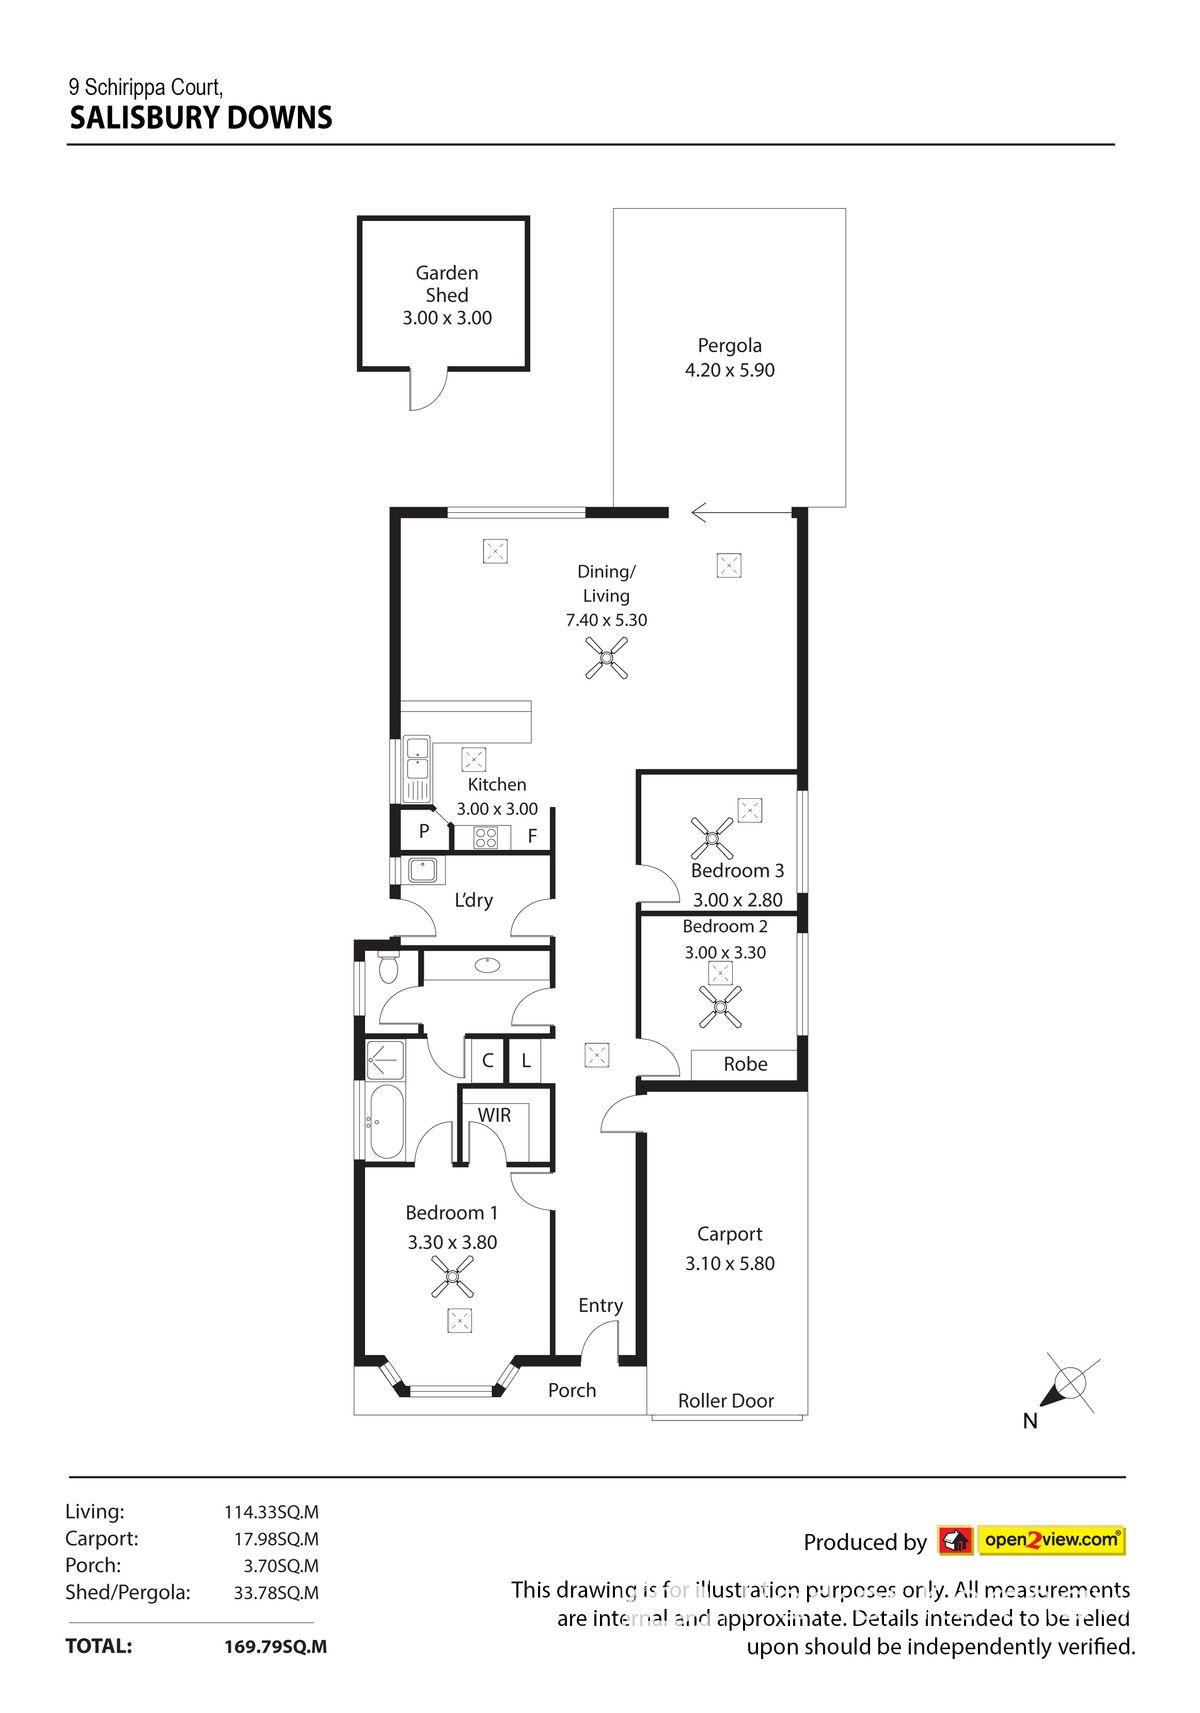 9 Schirripa Court, Salisbury Downs, SA 5108